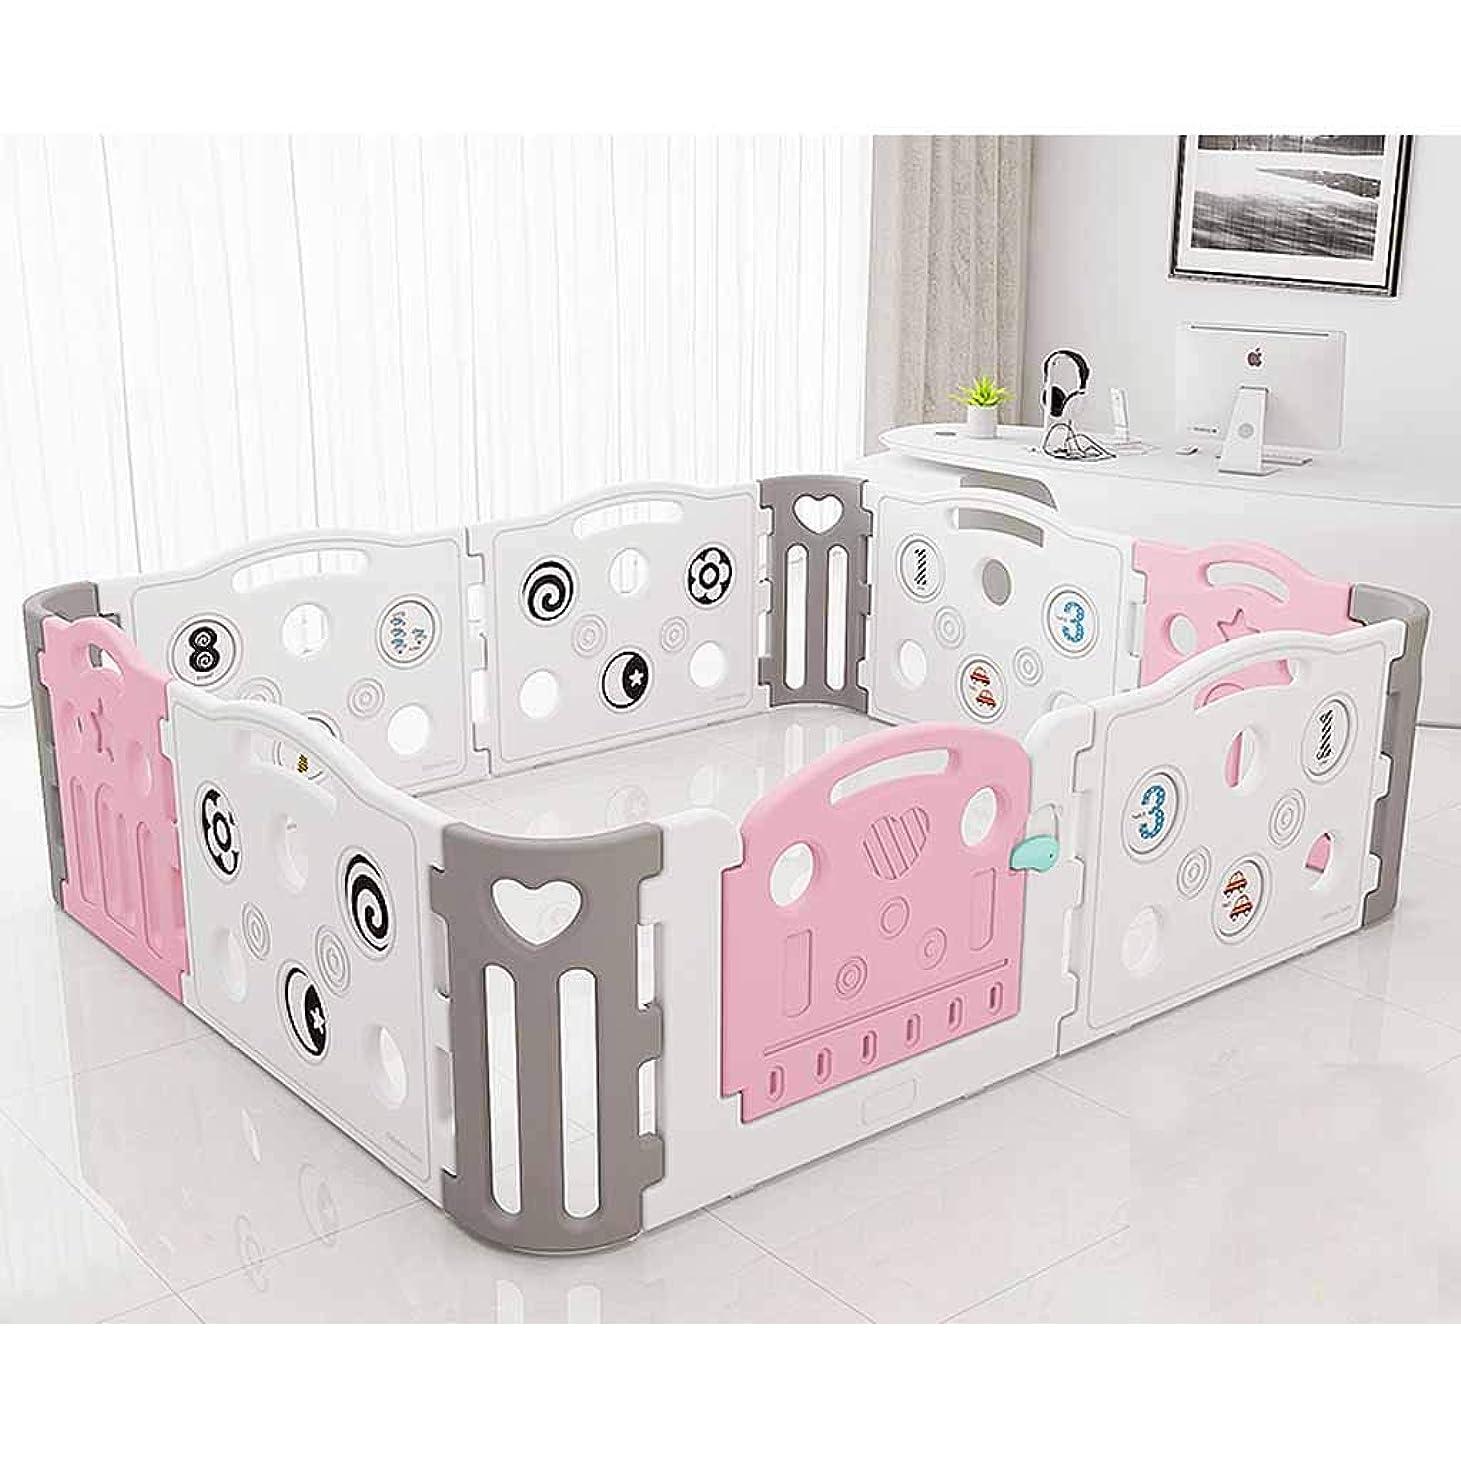 血まみれのタール思い出させるフェンス子供のゲーム屋内遊園地赤ちゃんクロールマット赤ちゃんの家庭の安全幼児ガードレールのおもちゃのフェンス SHWSM (Color : Pink)